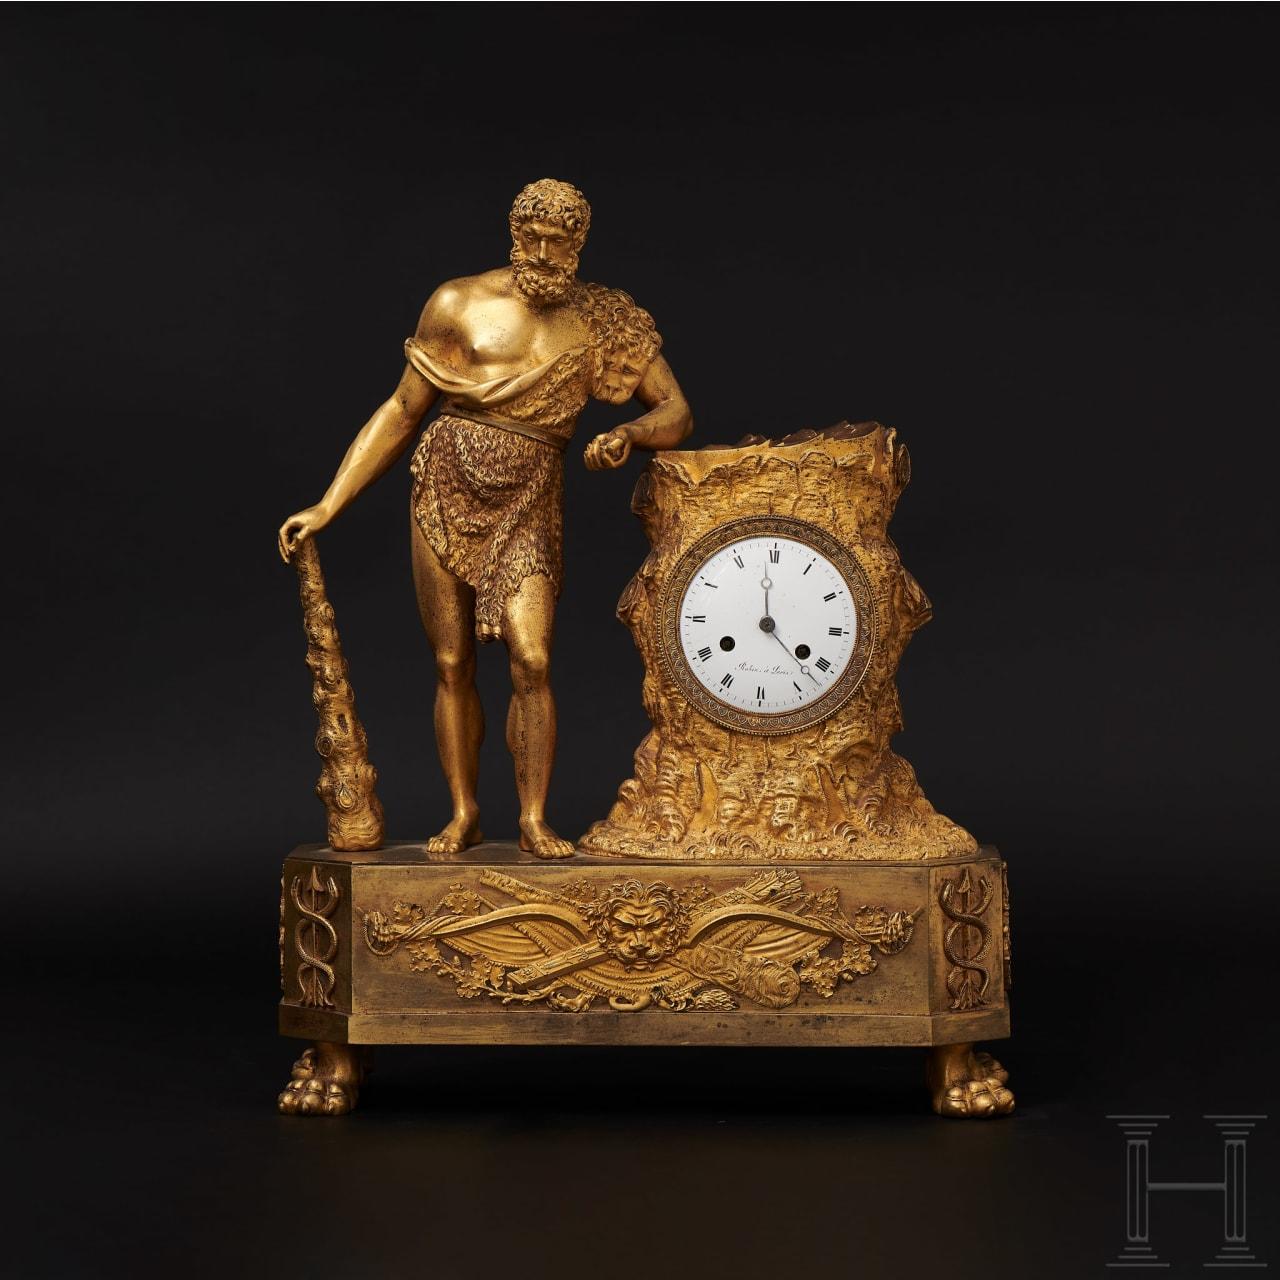 Empire Pendule mit Herkules, Paris, um 1810/15